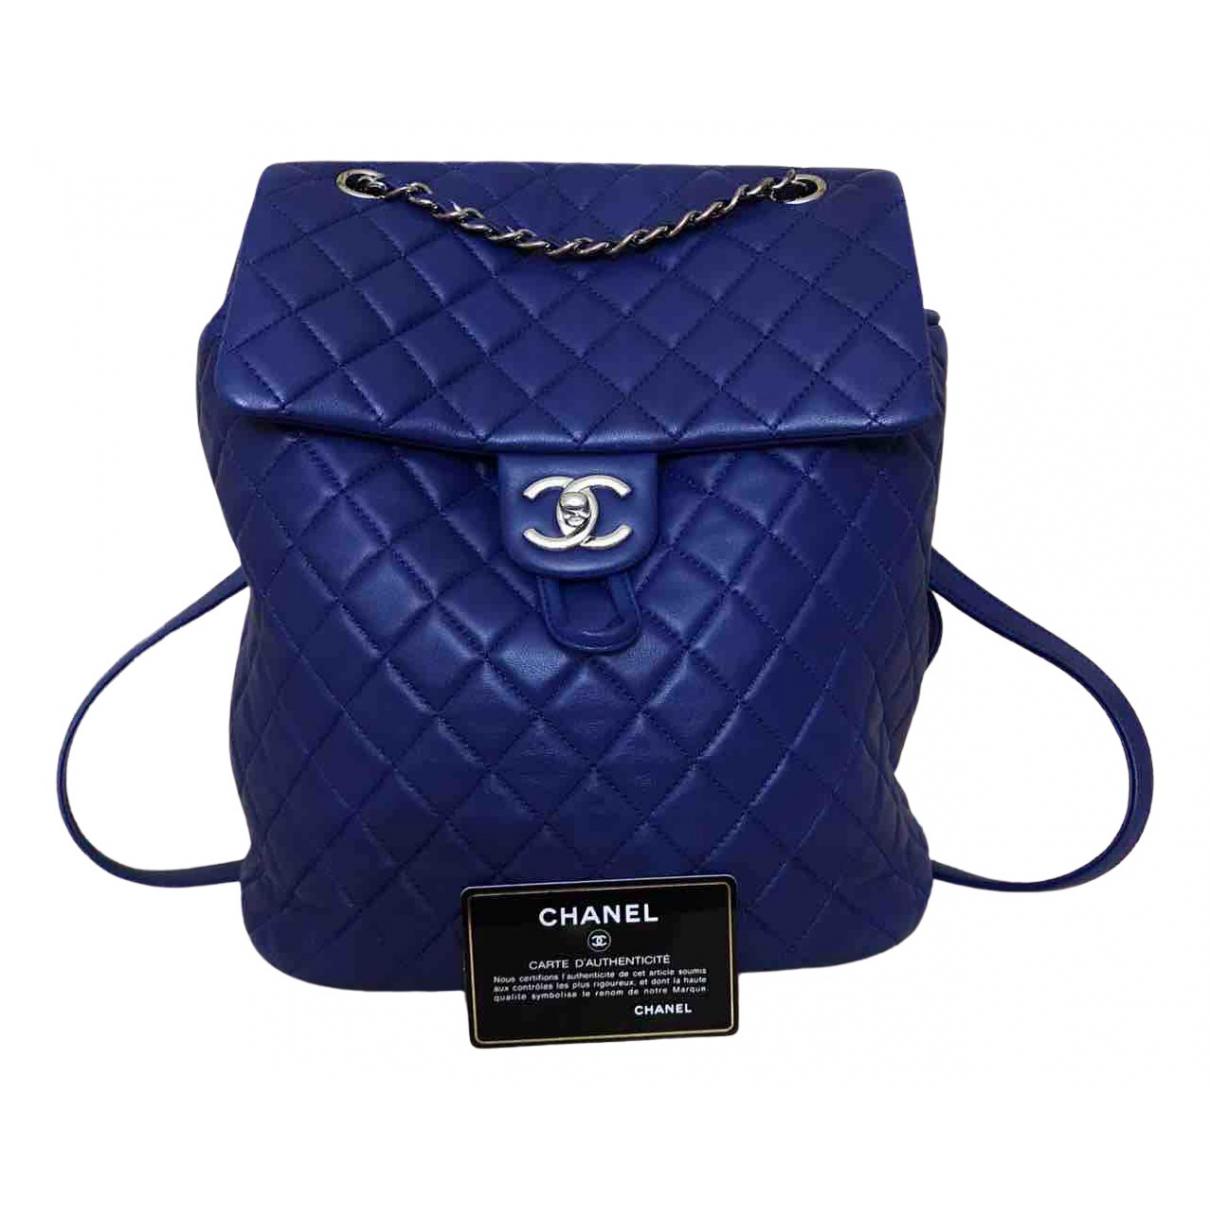 Chanel - Sac a dos Timeless/Classique pour femme en cuir - bleu